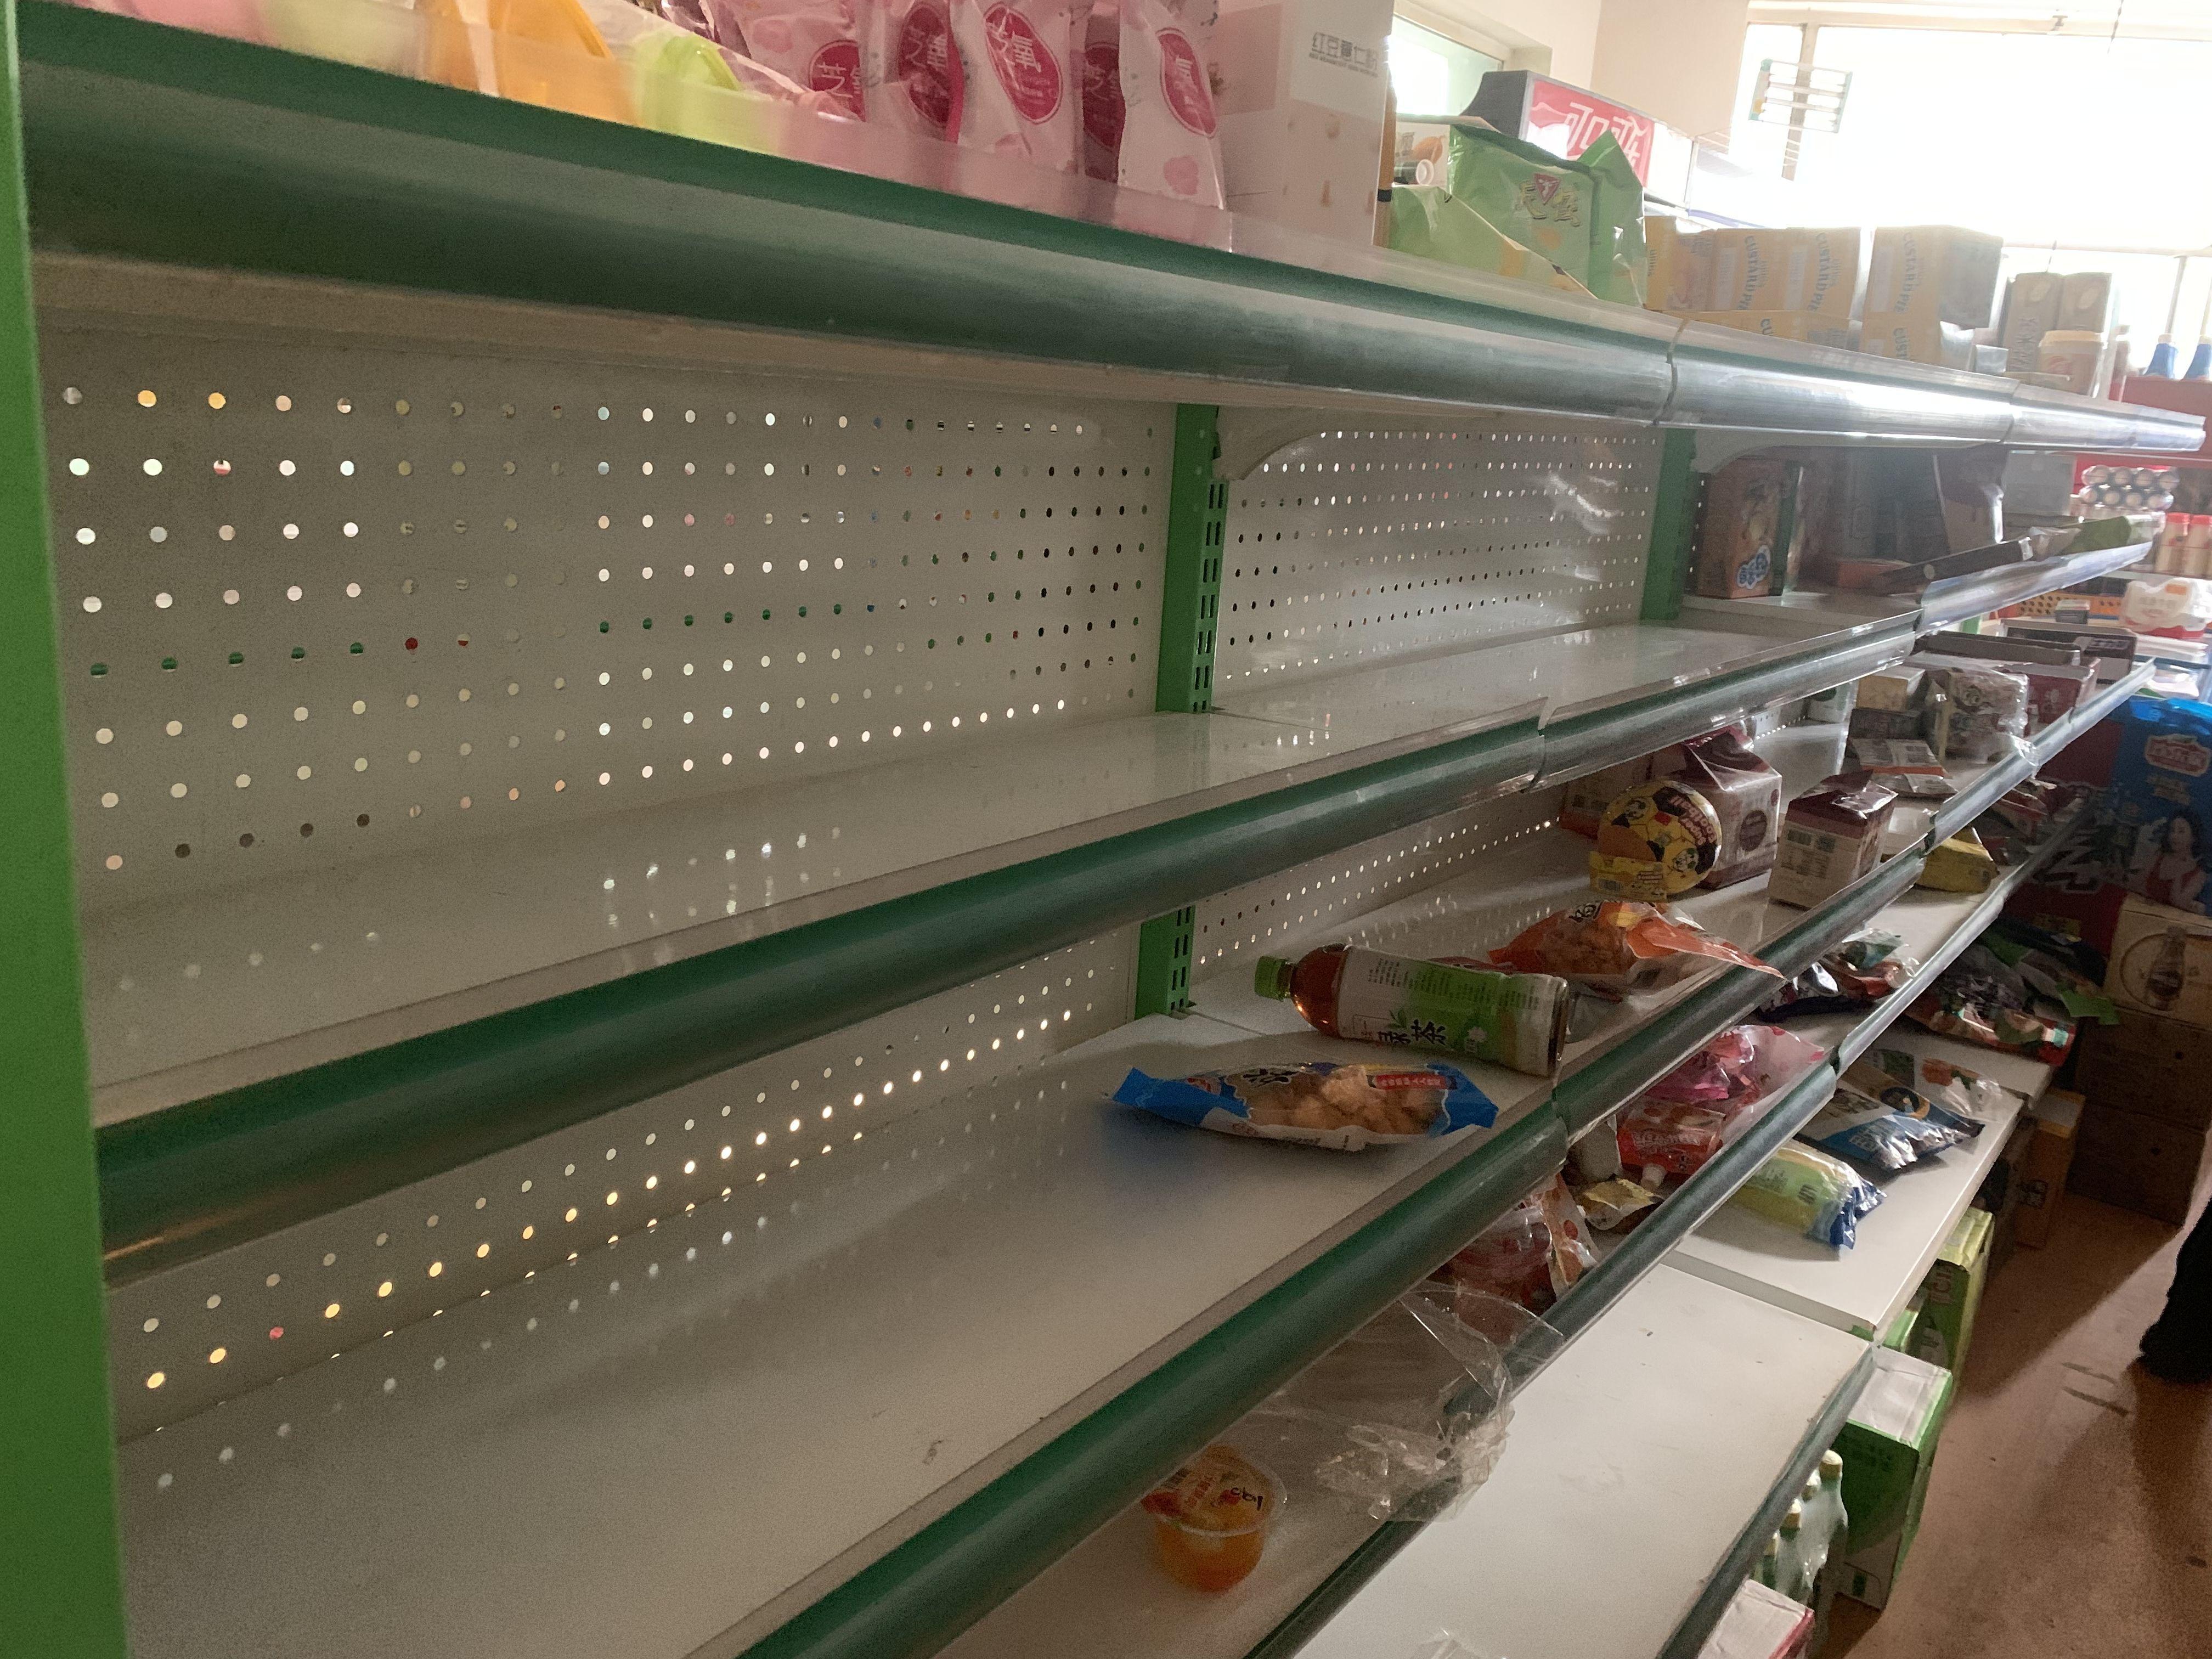 大量旅客因疫情滞留新疆伊犁:酒店客满 超市货架被抢购一空